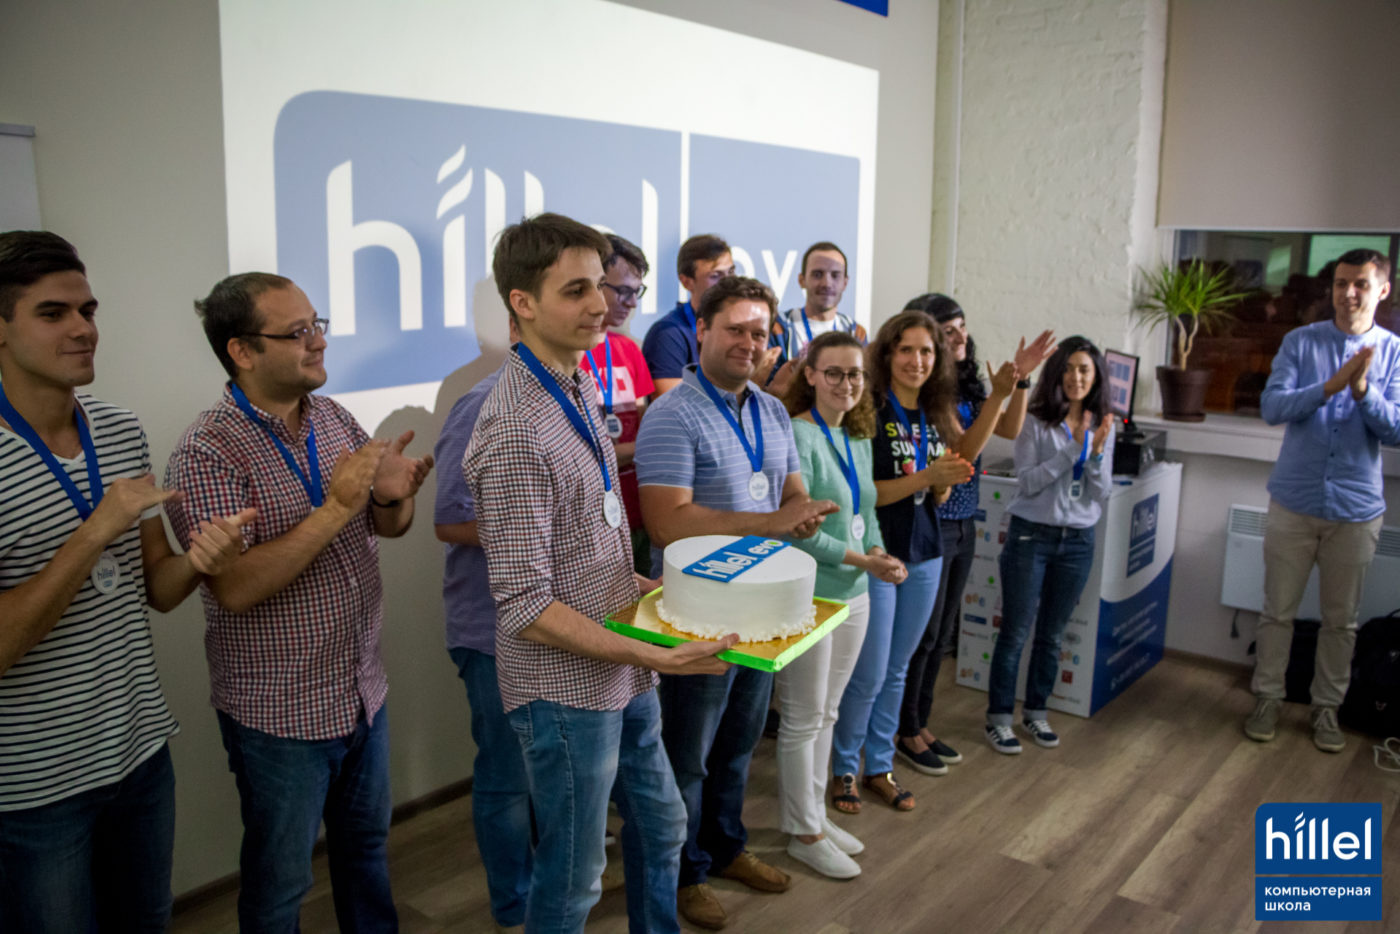 Мероприятия: Приглашаем на презентацию рабочих прототипов третьего цикла программы Hillel Evo в Одессе